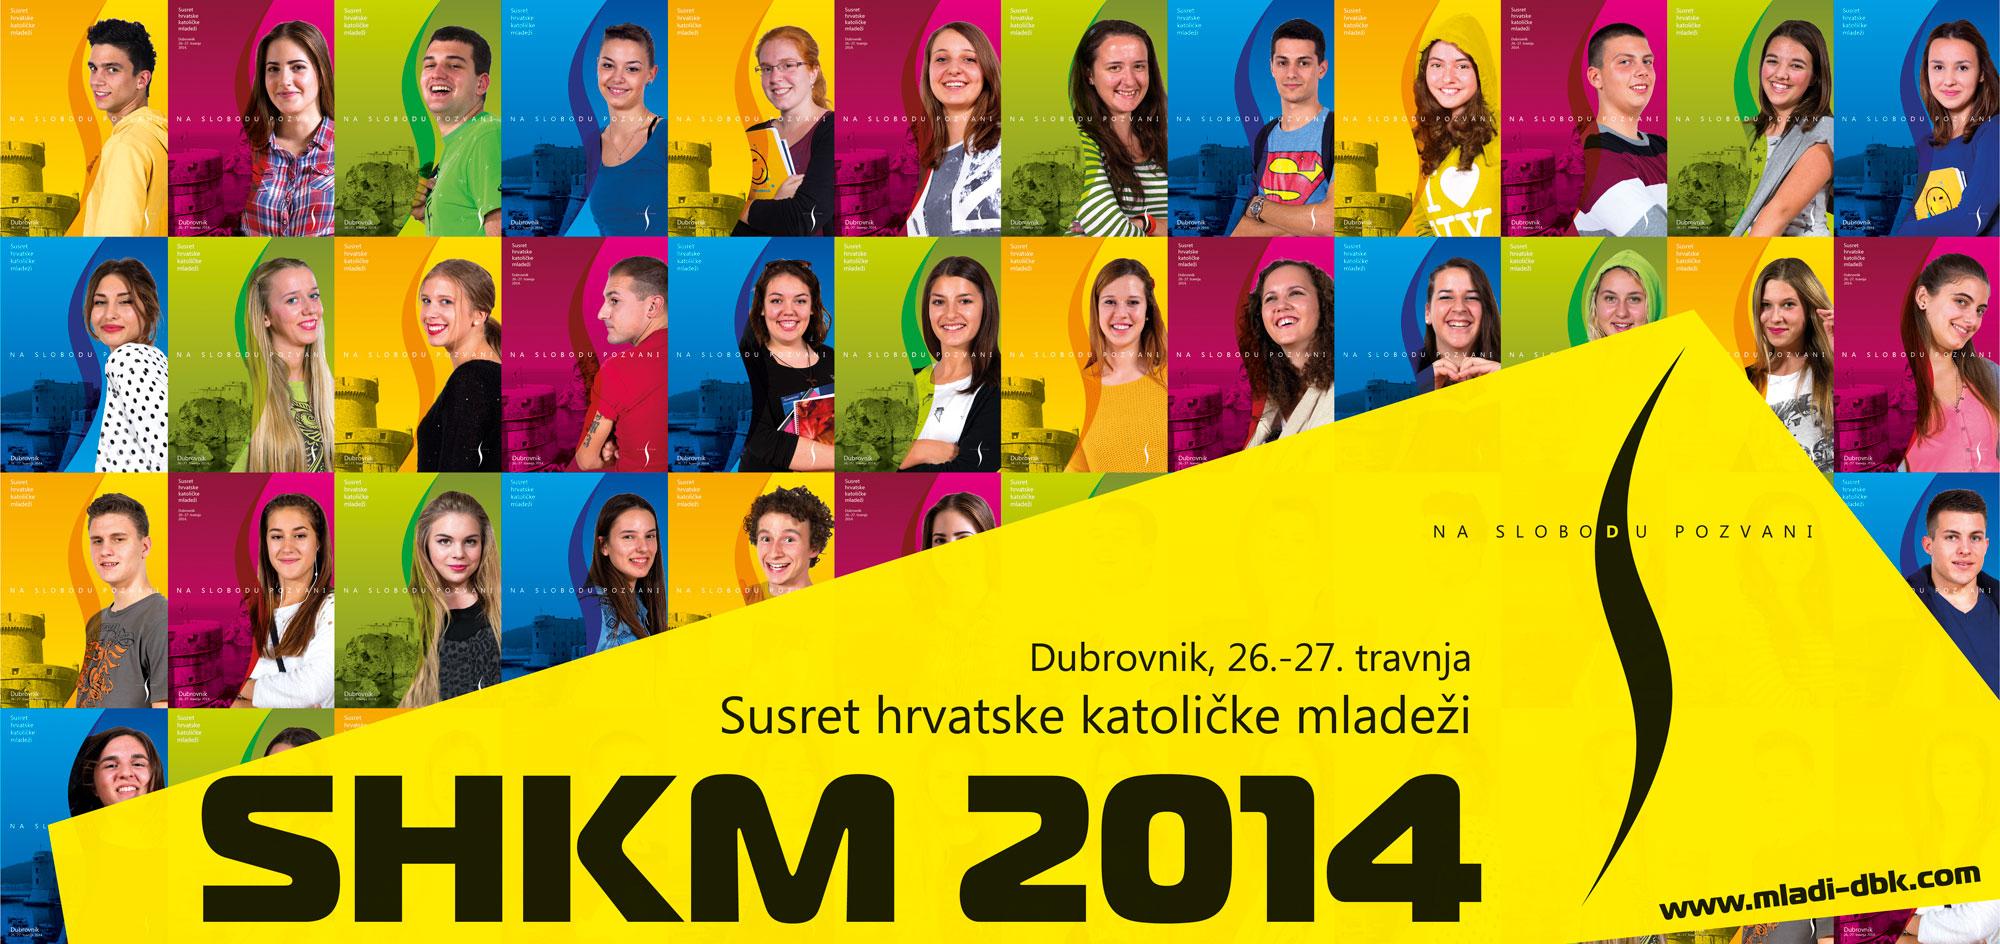 SHKM14_plakat_13